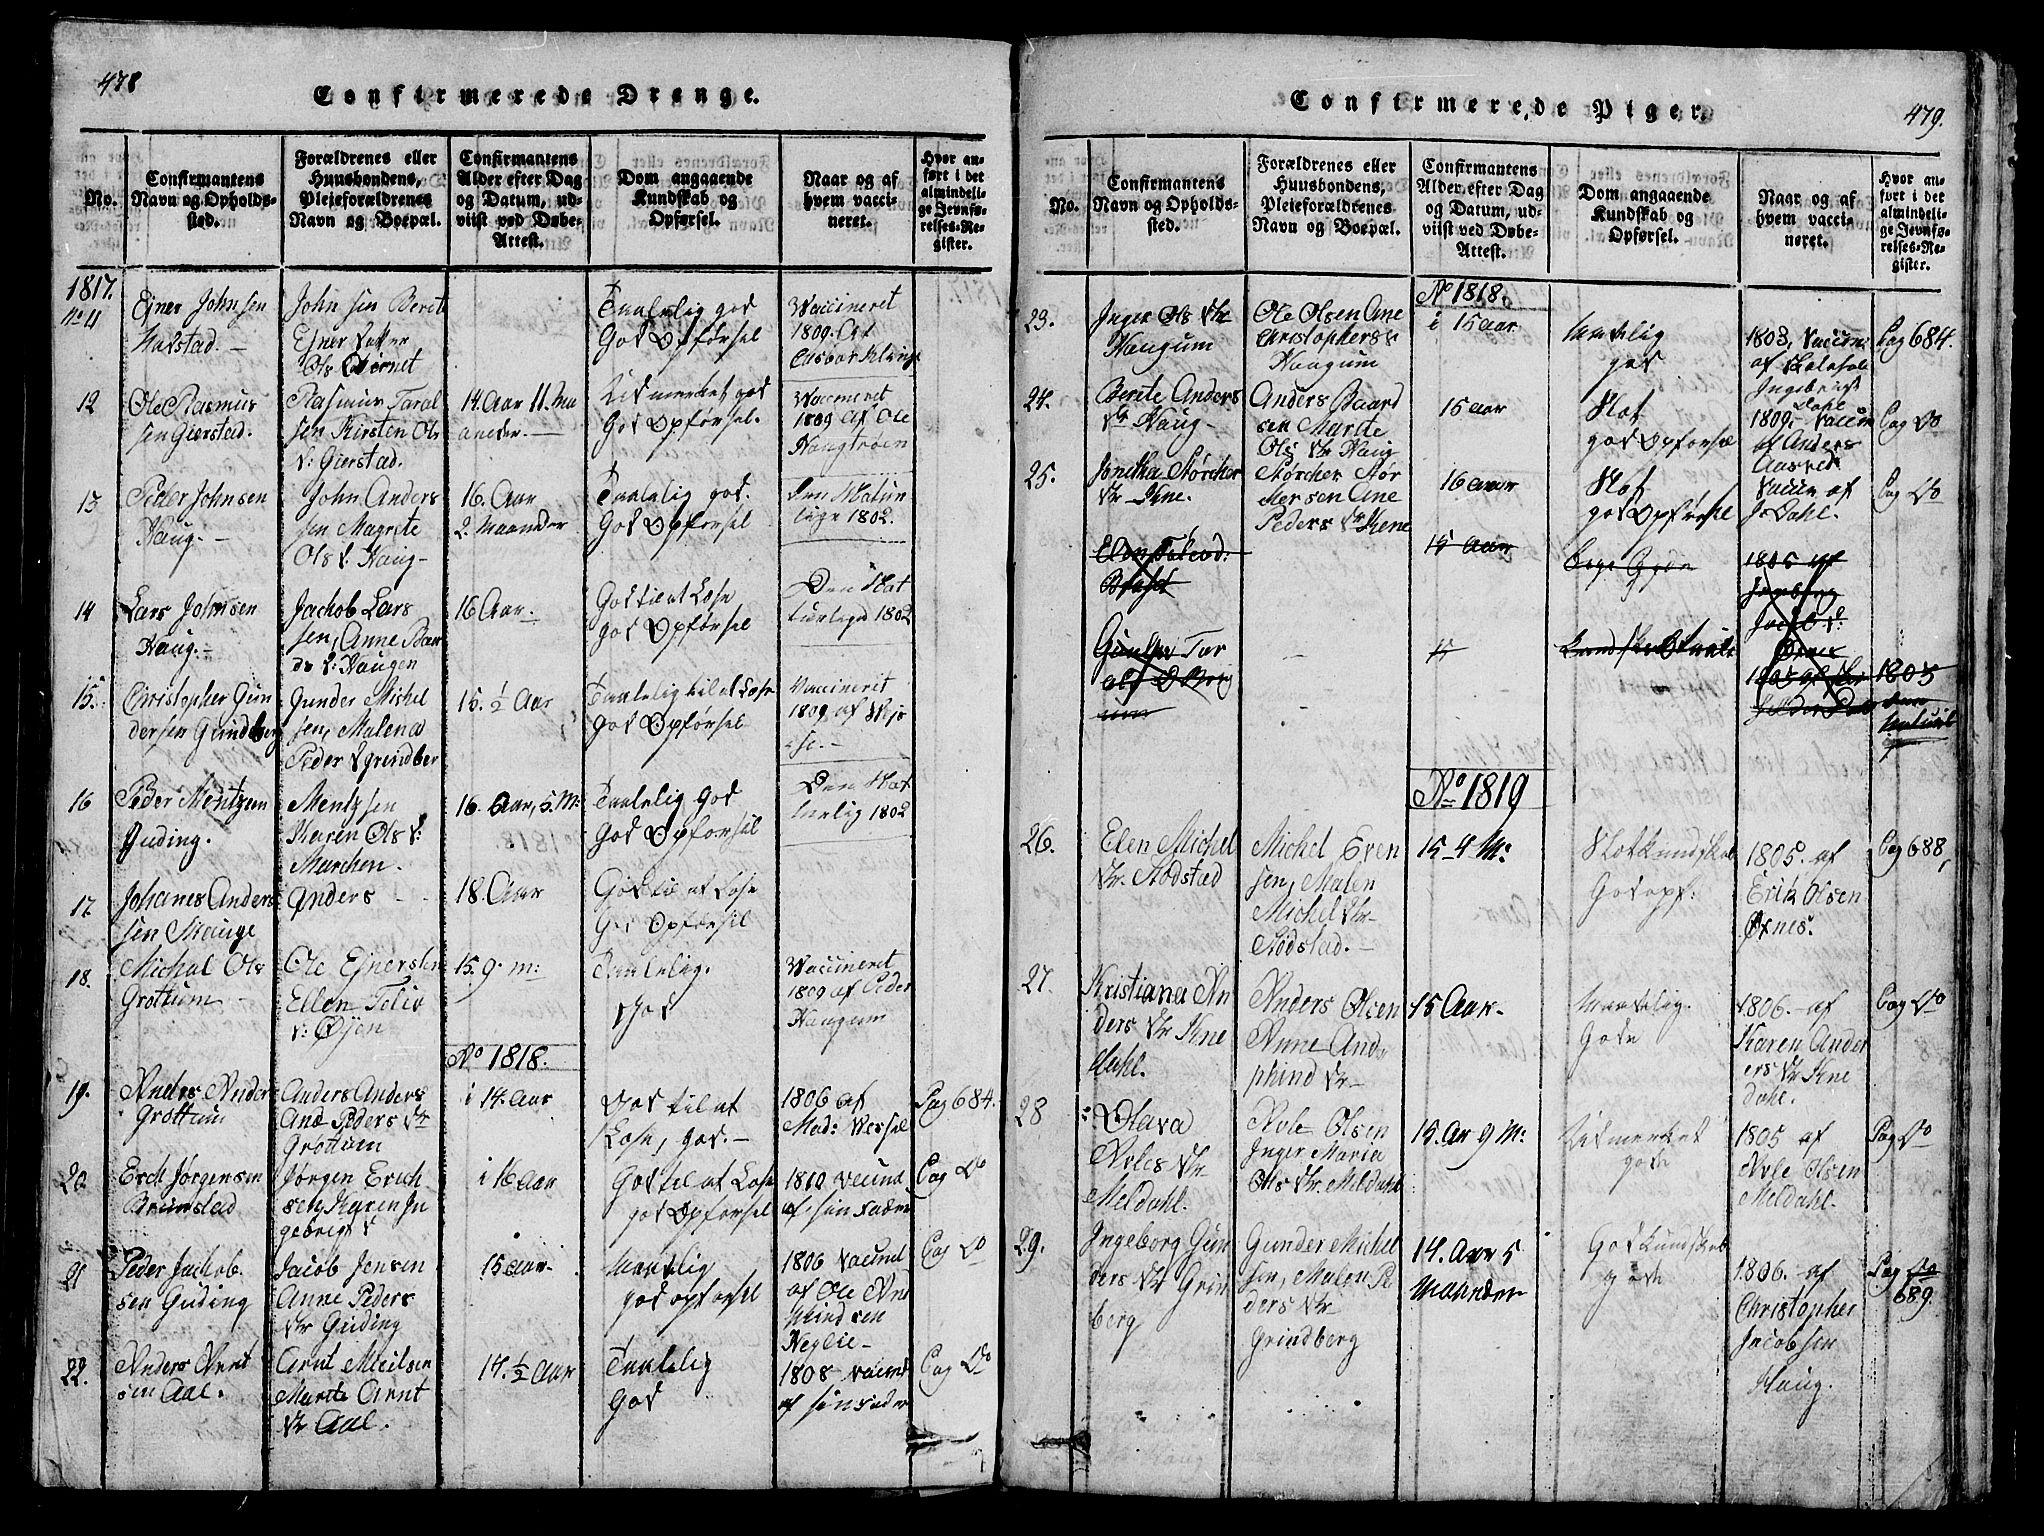 SAT, Ministerialprotokoller, klokkerbøker og fødselsregistre - Nord-Trøndelag, 747/L0459: Klokkerbok nr. 747C01, 1816-1842, s. 478-479